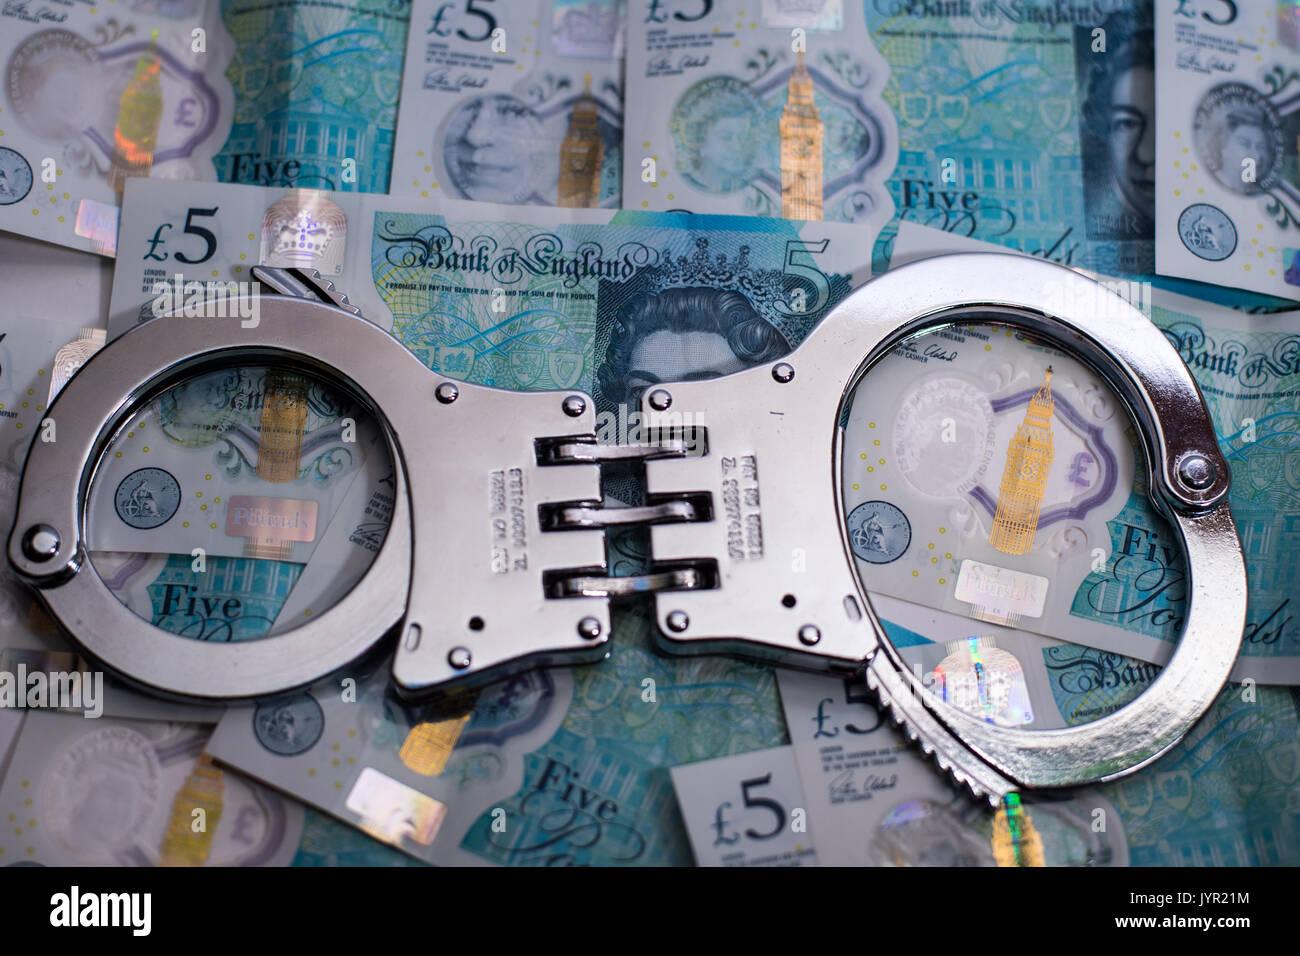 Manette sulla valuta £ 5 cinque pound note illustrante il fardello del debito Immagini Stock